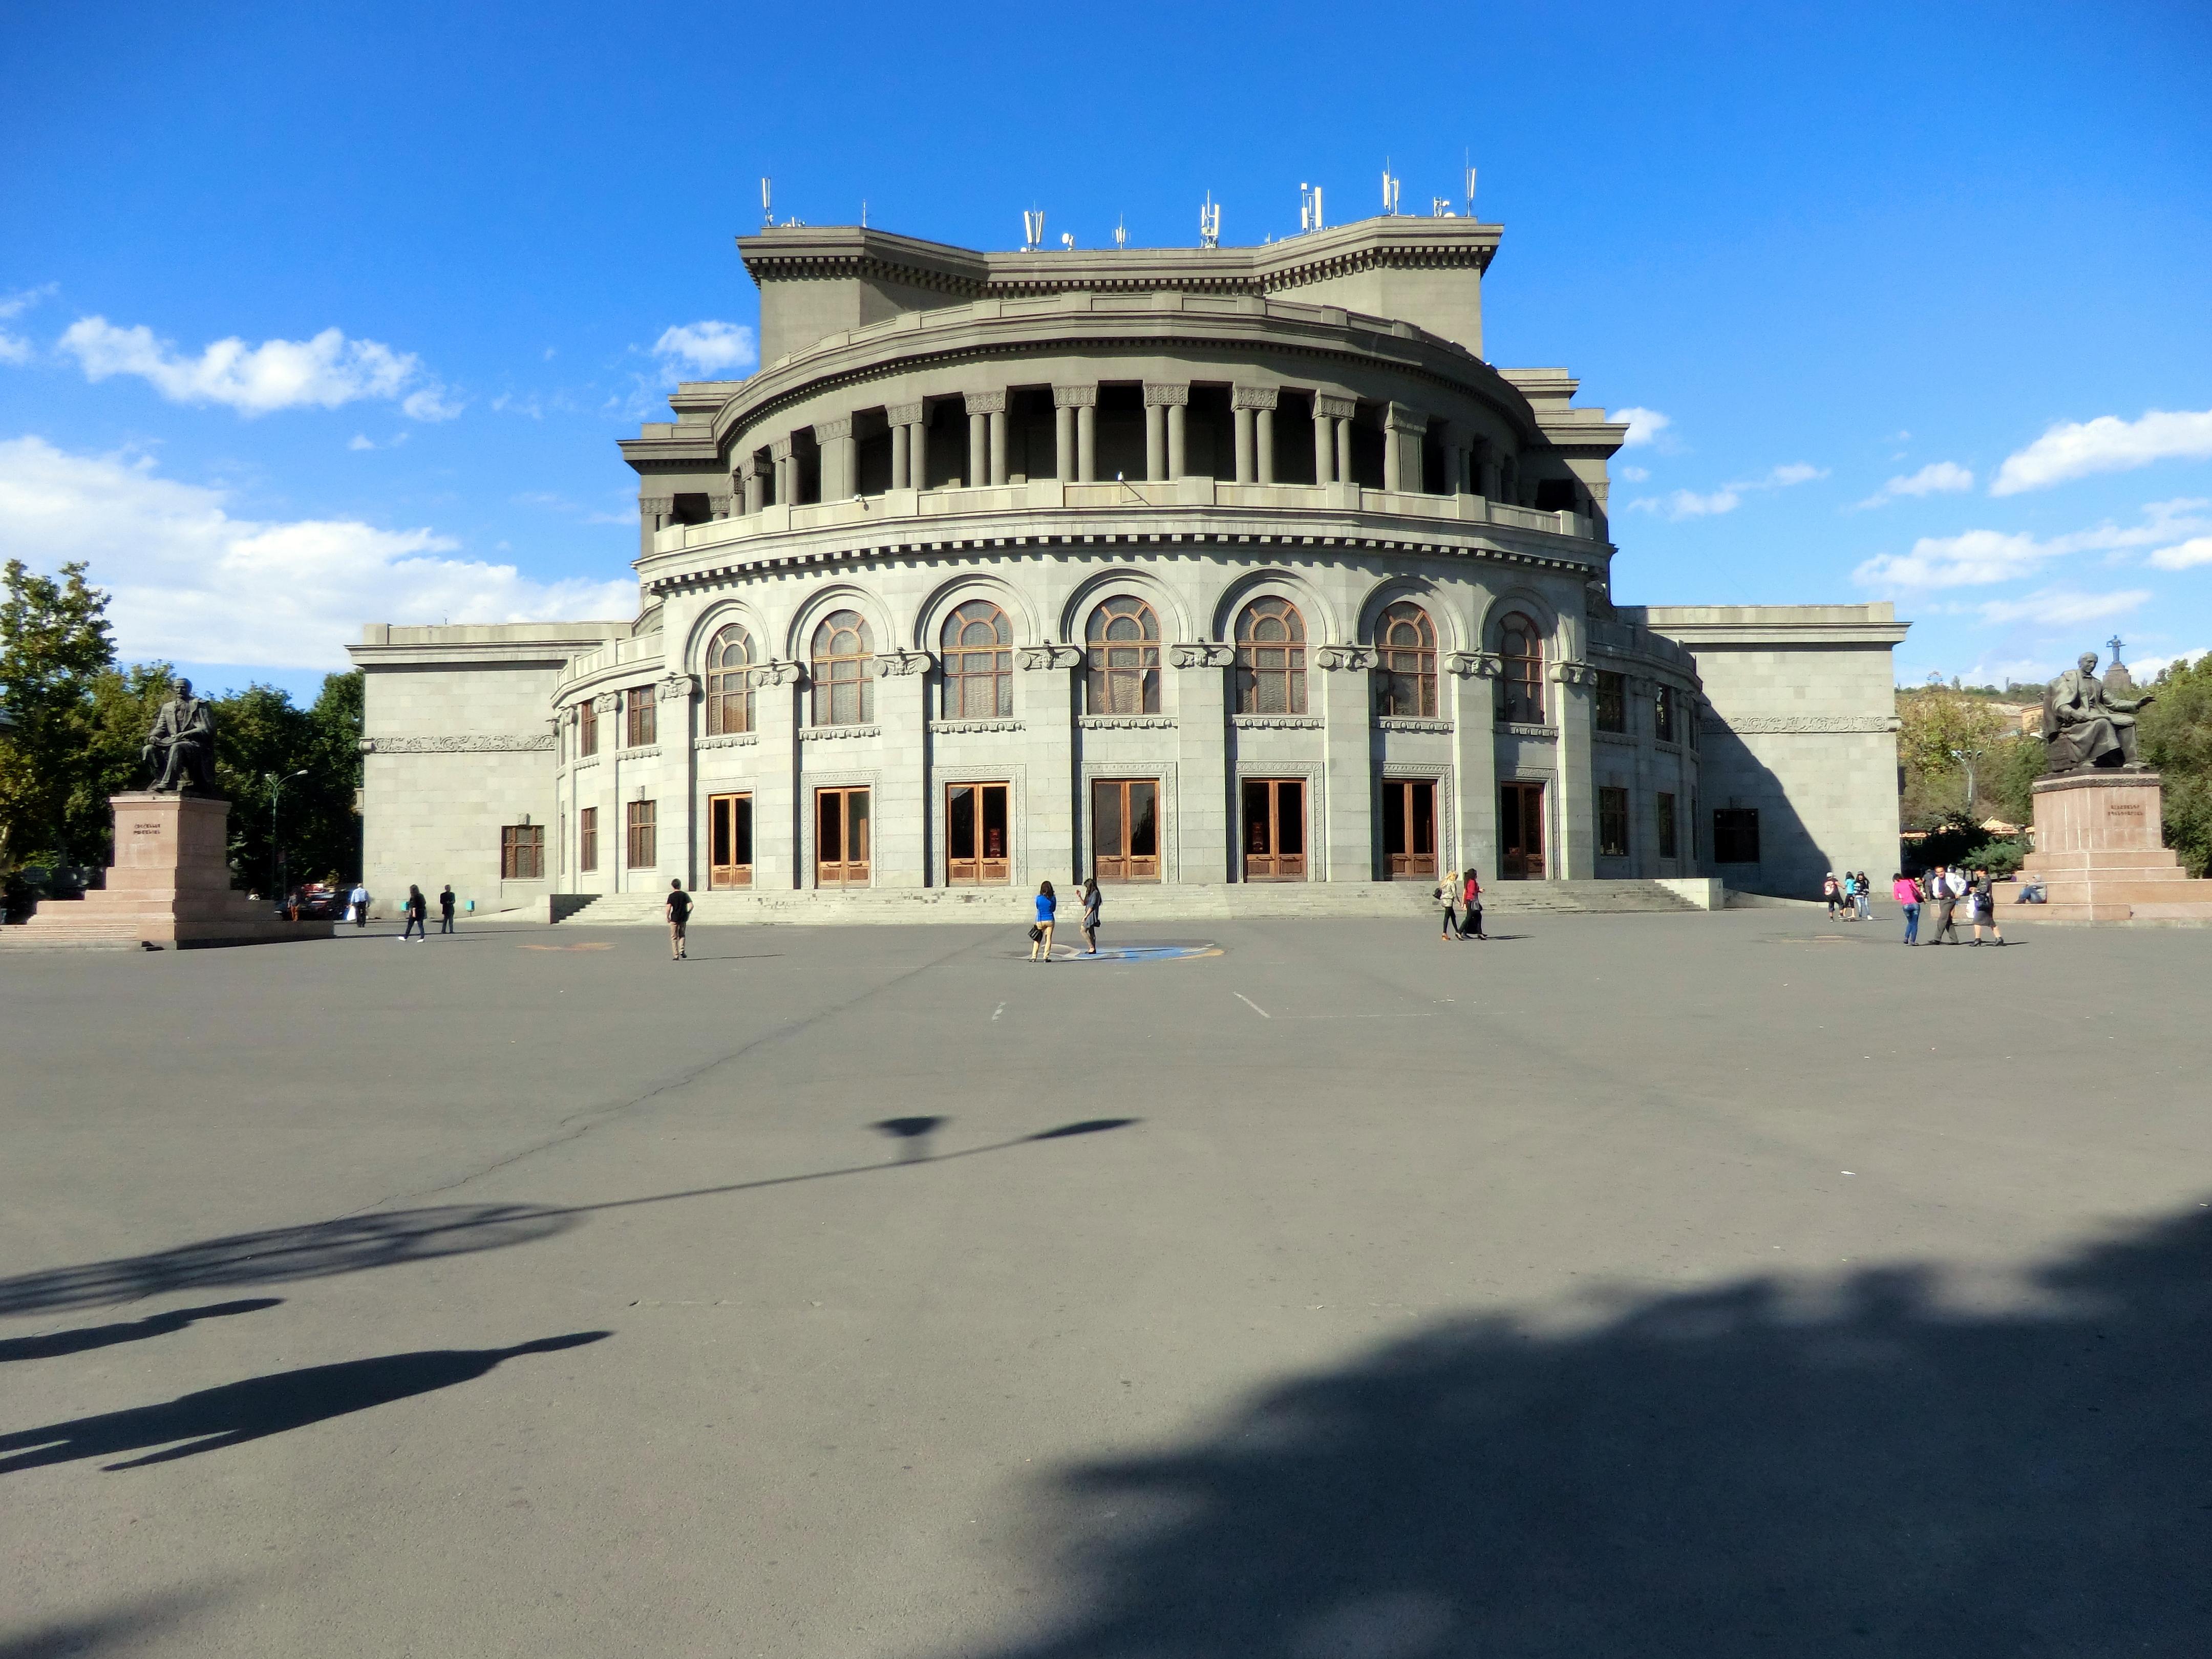 Lovely File:Exterior Of Opera House Of Yerevan.JPG